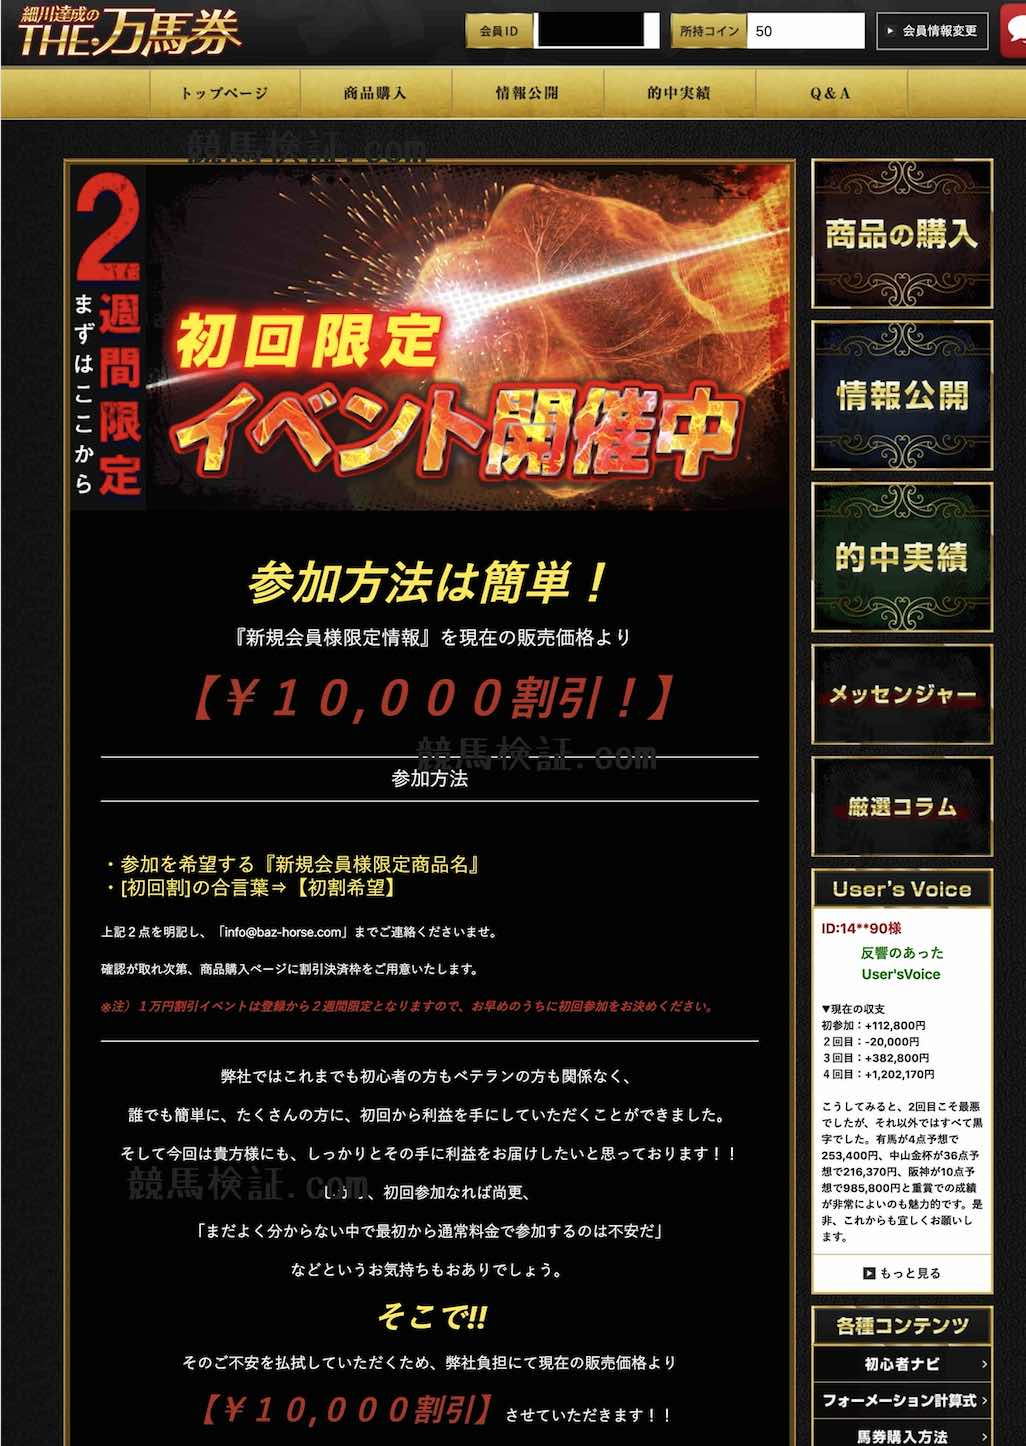 細川達成のTHE・万馬券!という競馬予想サイトの会員ページ